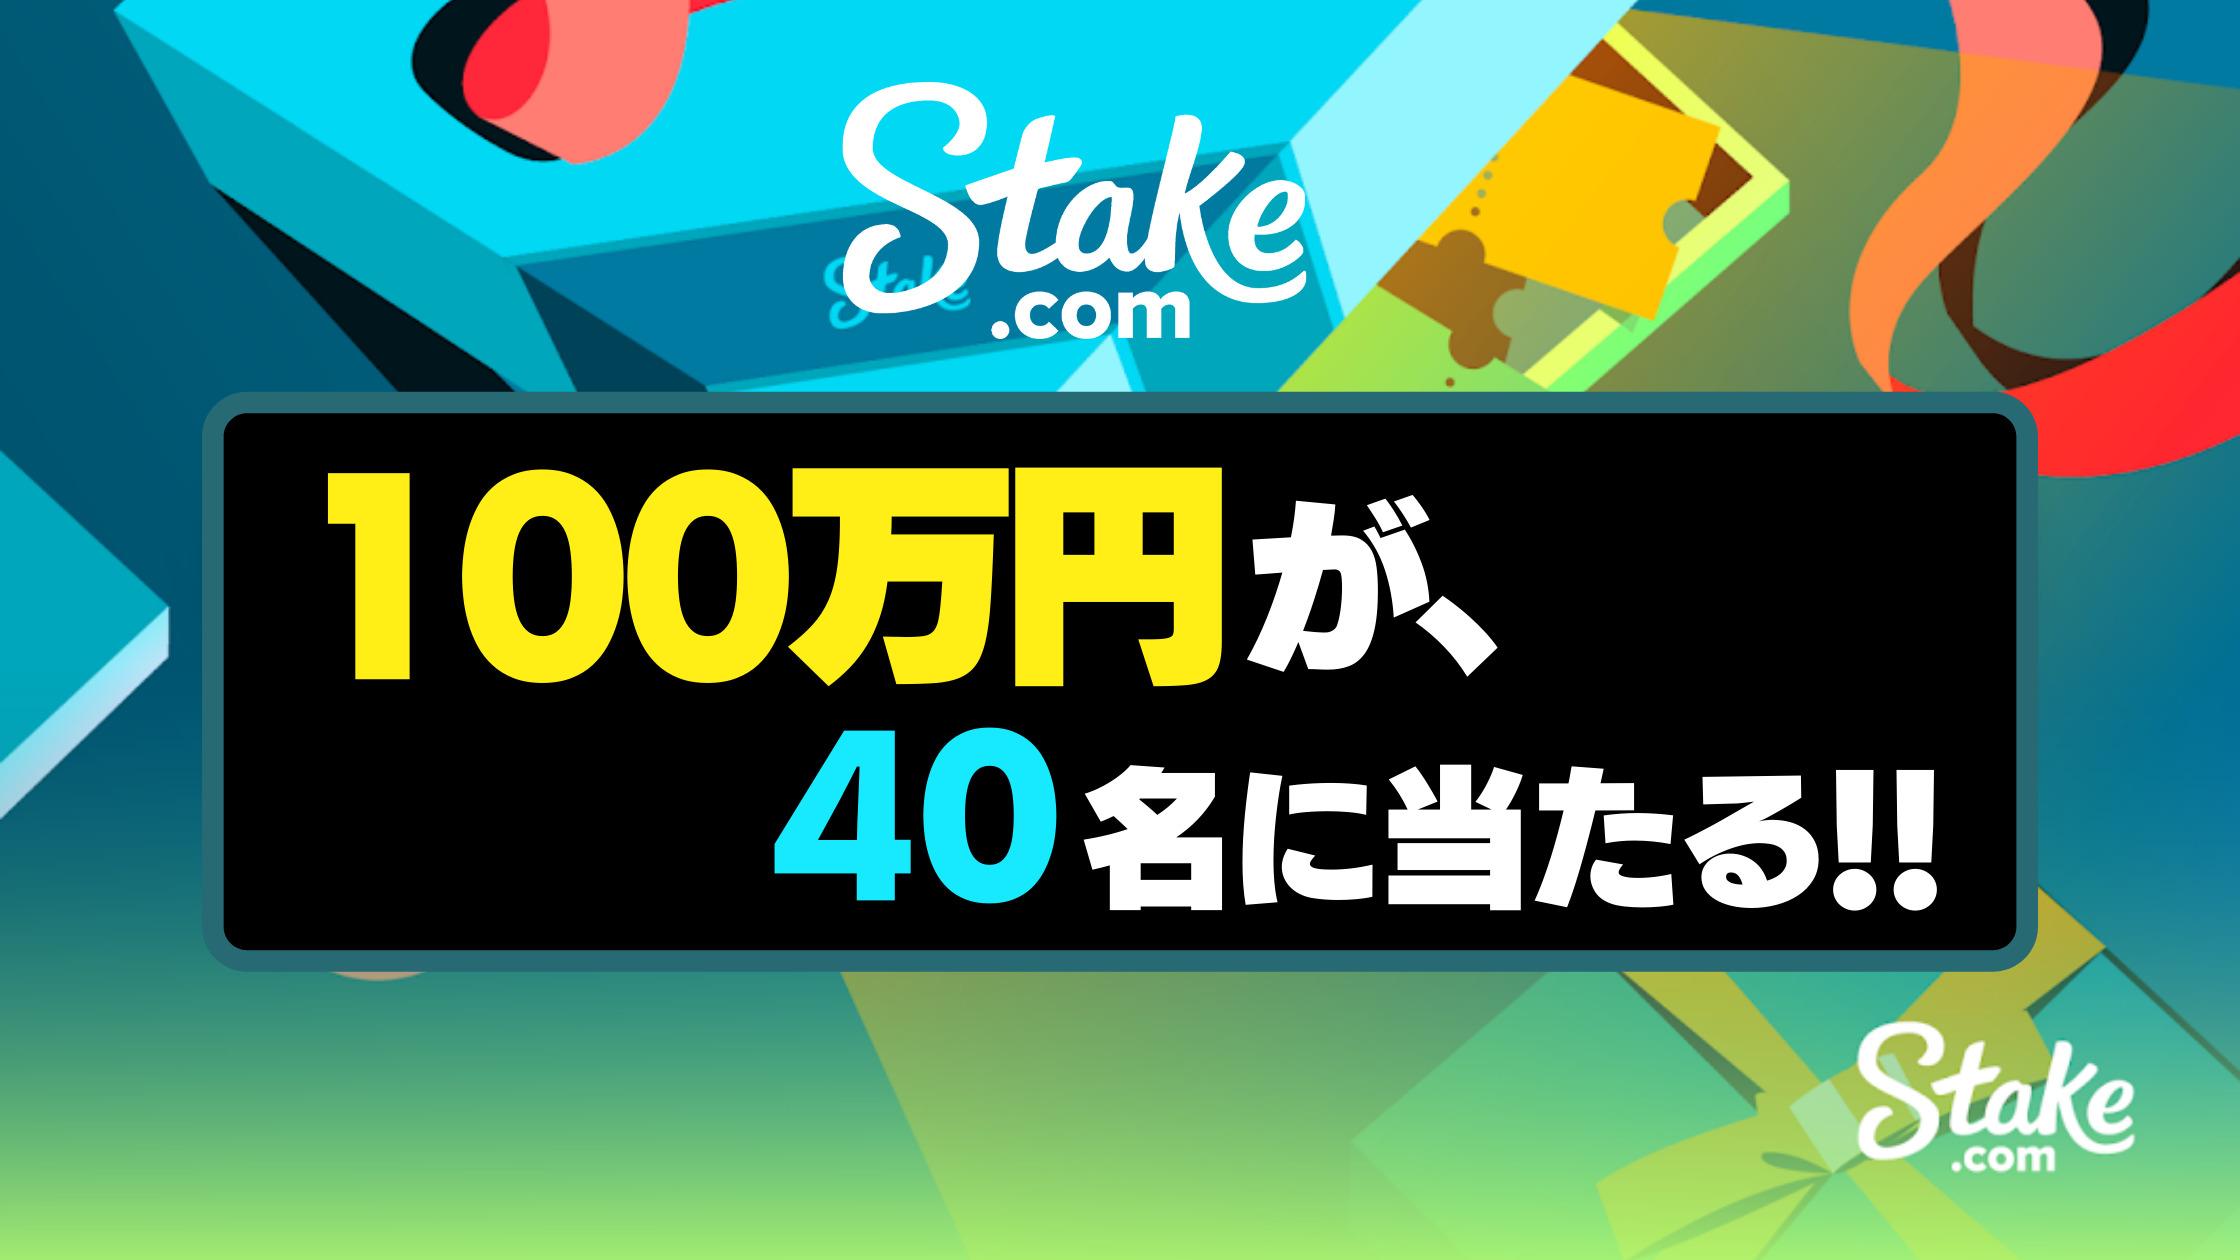 【ステークカジノ】設立4周年記念!!100万円が40名に当たる♪